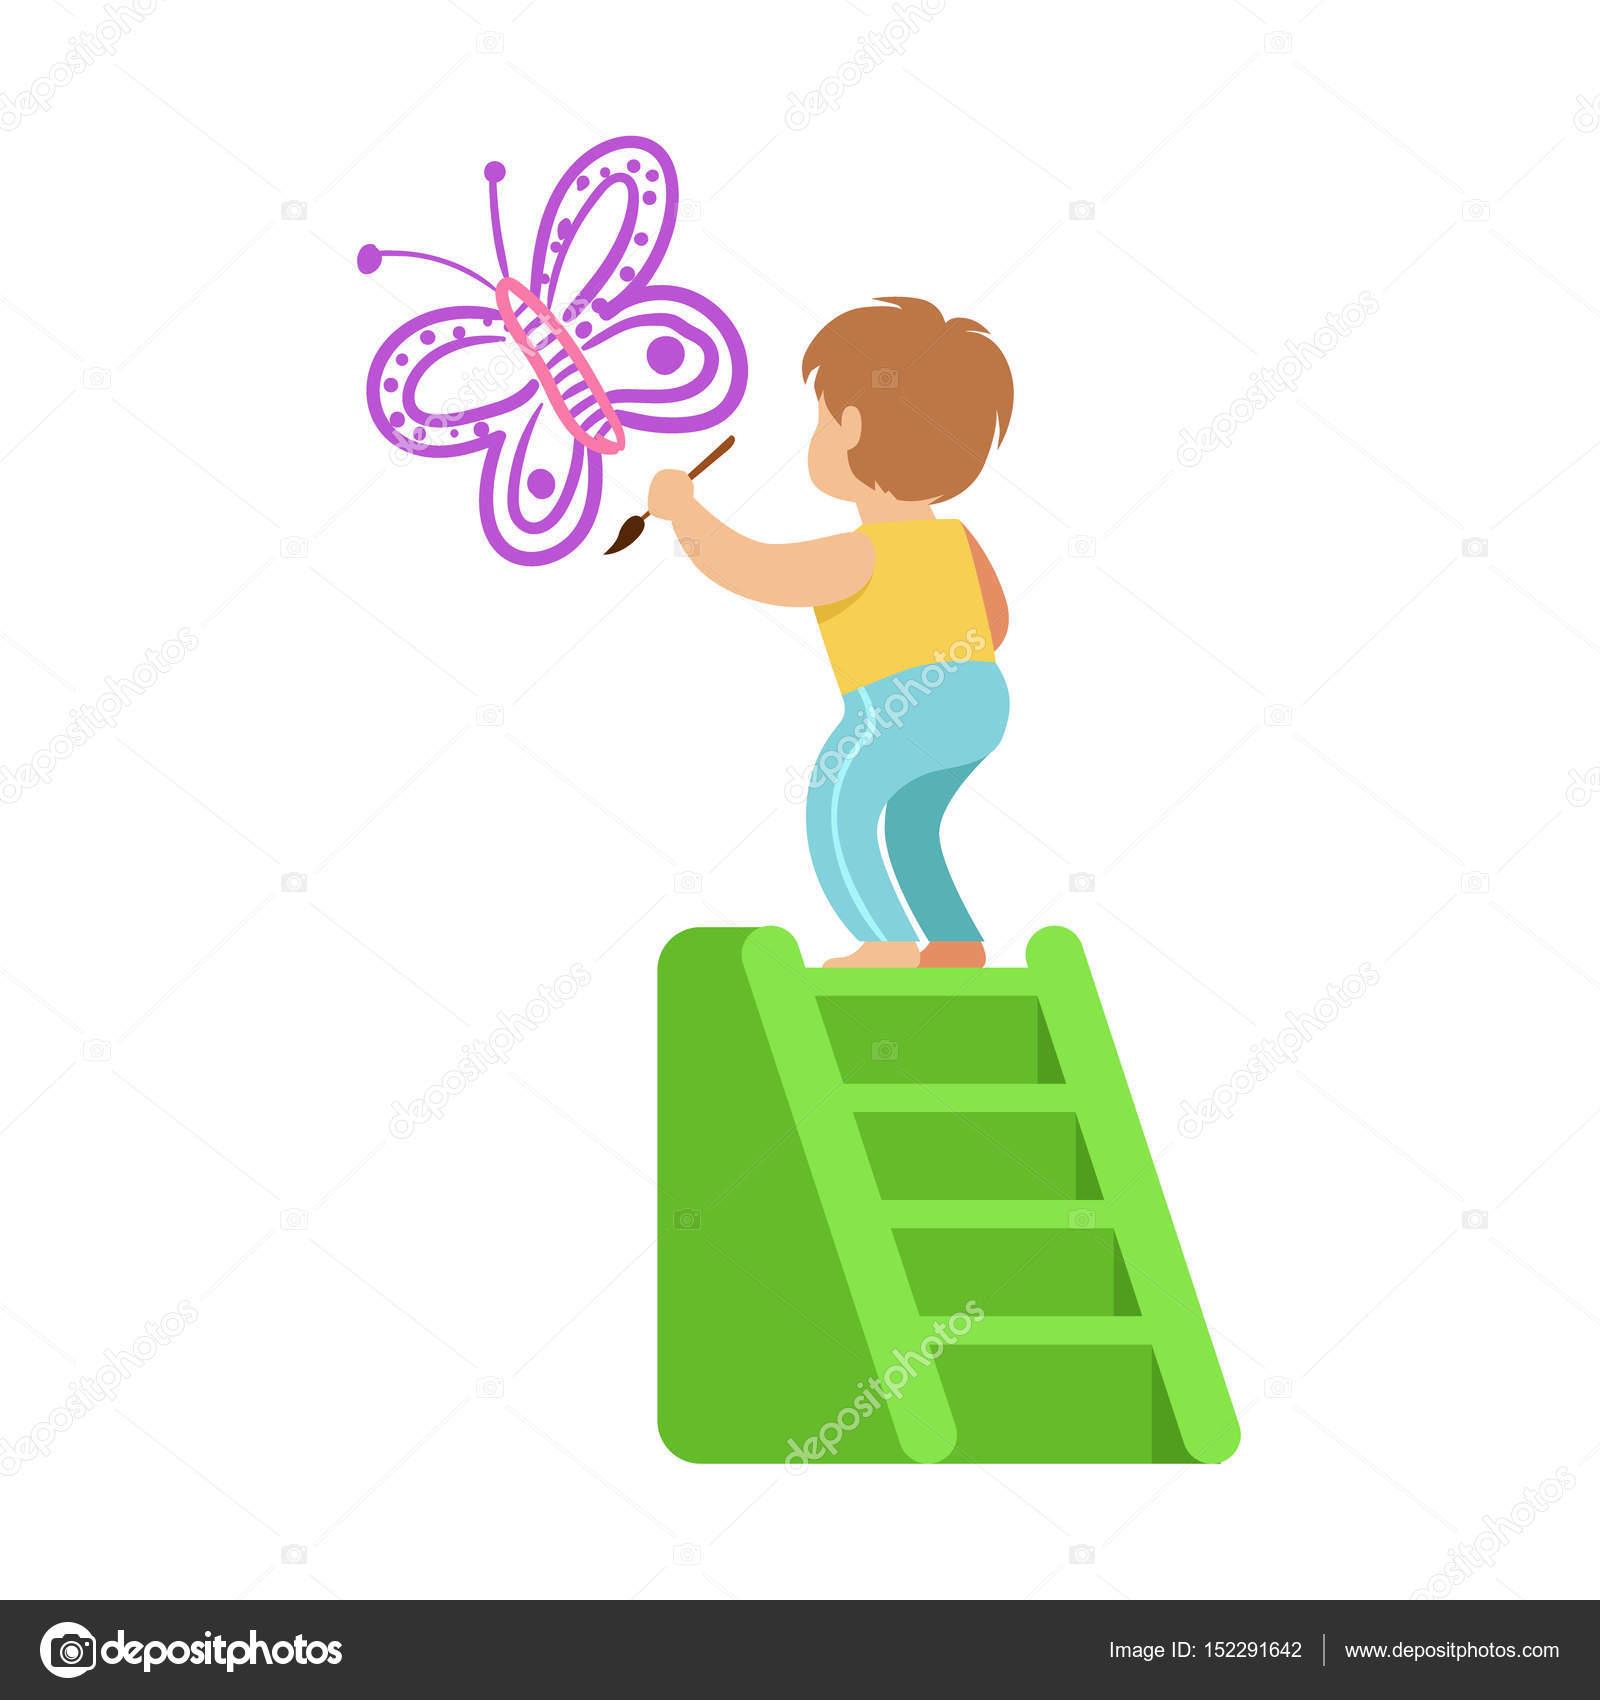 Bir Merdiven üzerinde Duran Ve Beyaz Bir Duvar üzerinde Mor Kelebek